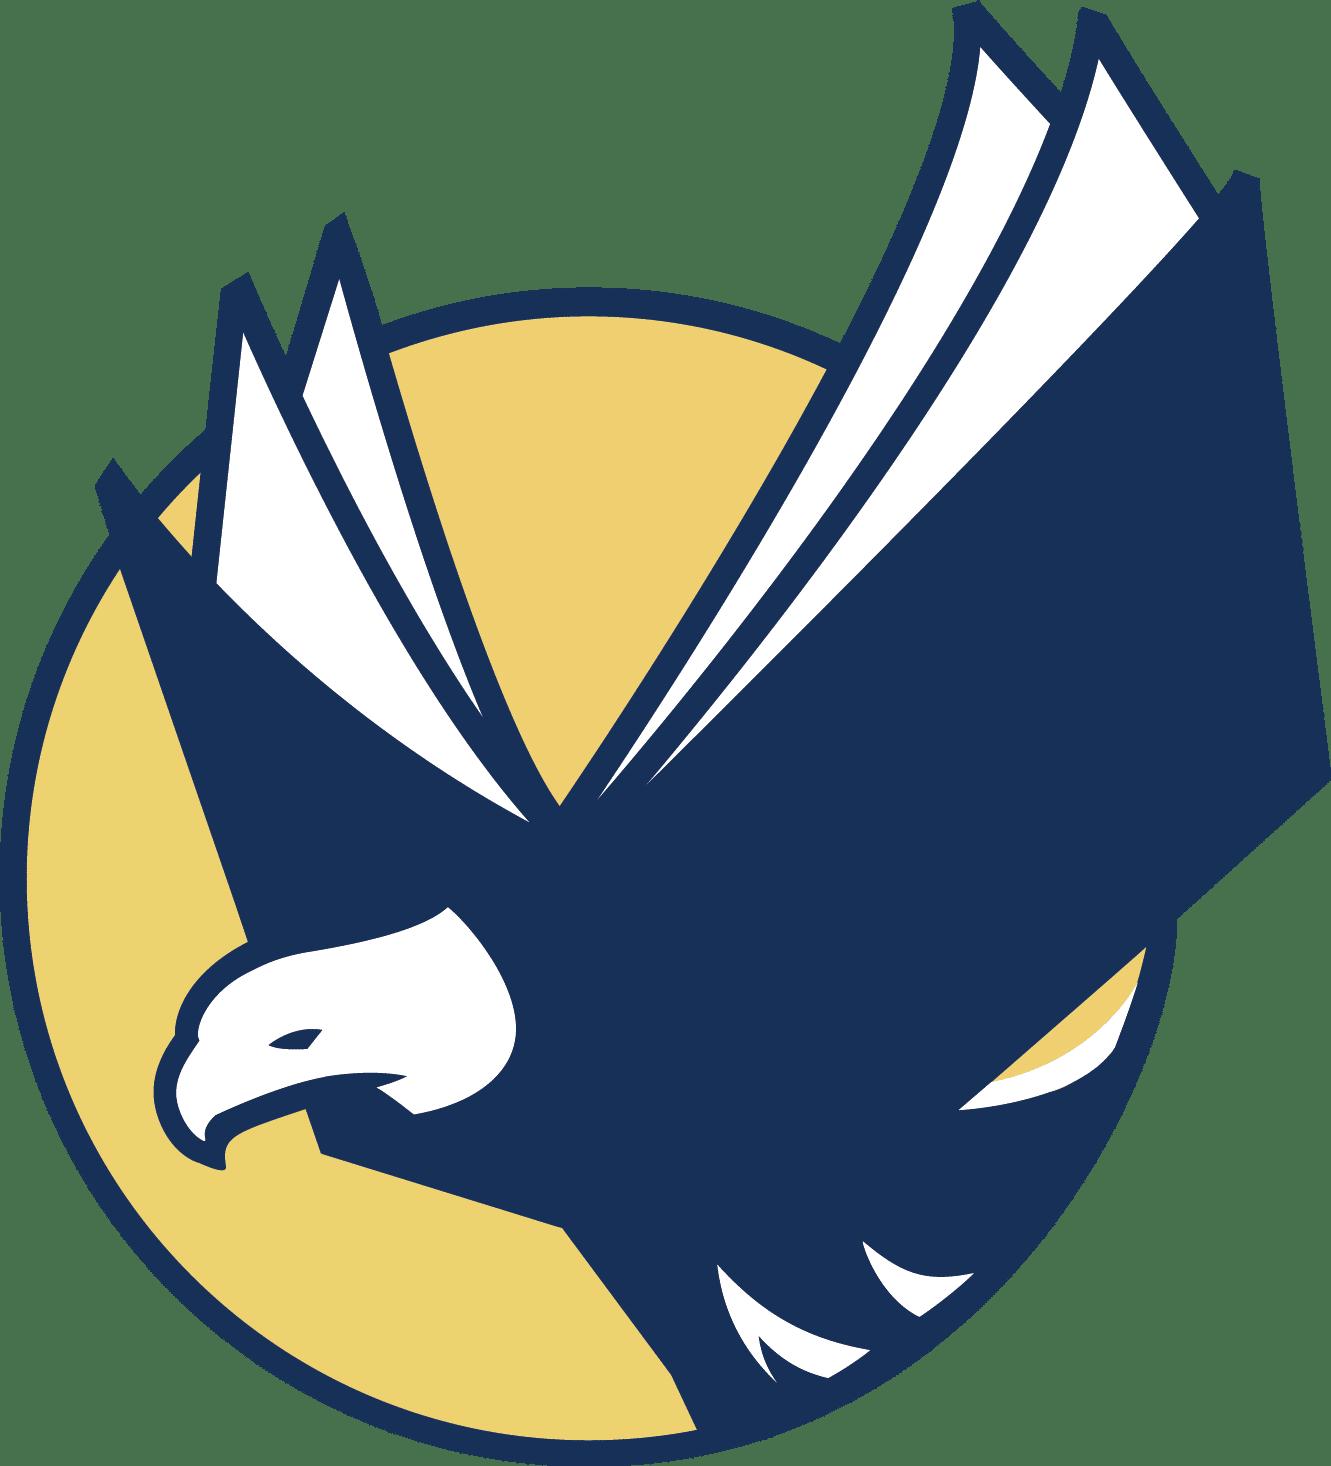 scs eagle only logo color